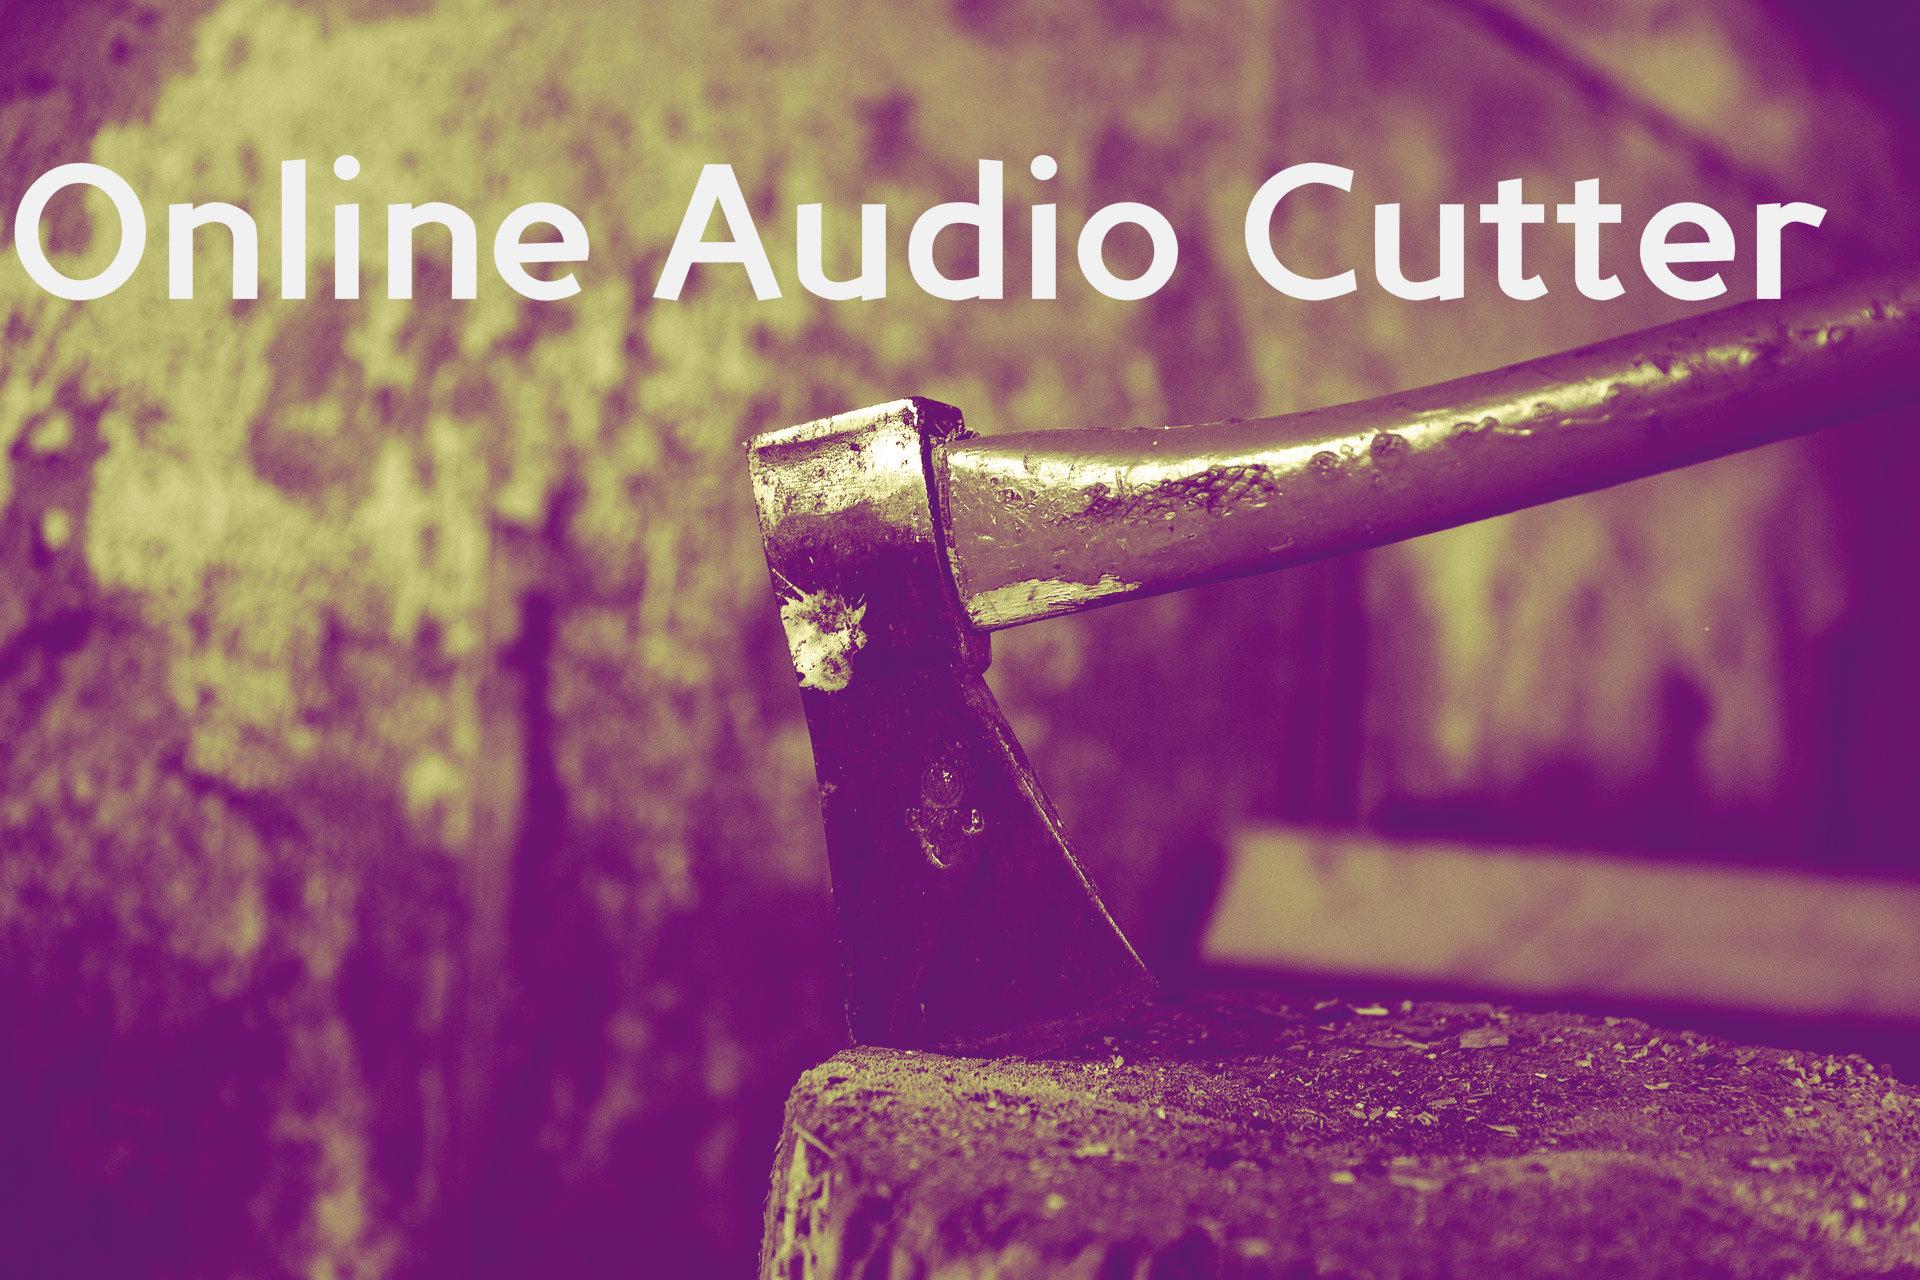 MacでもWindowsでも手軽に音楽をカットできるWebサービス「Online MP3 Cutter」